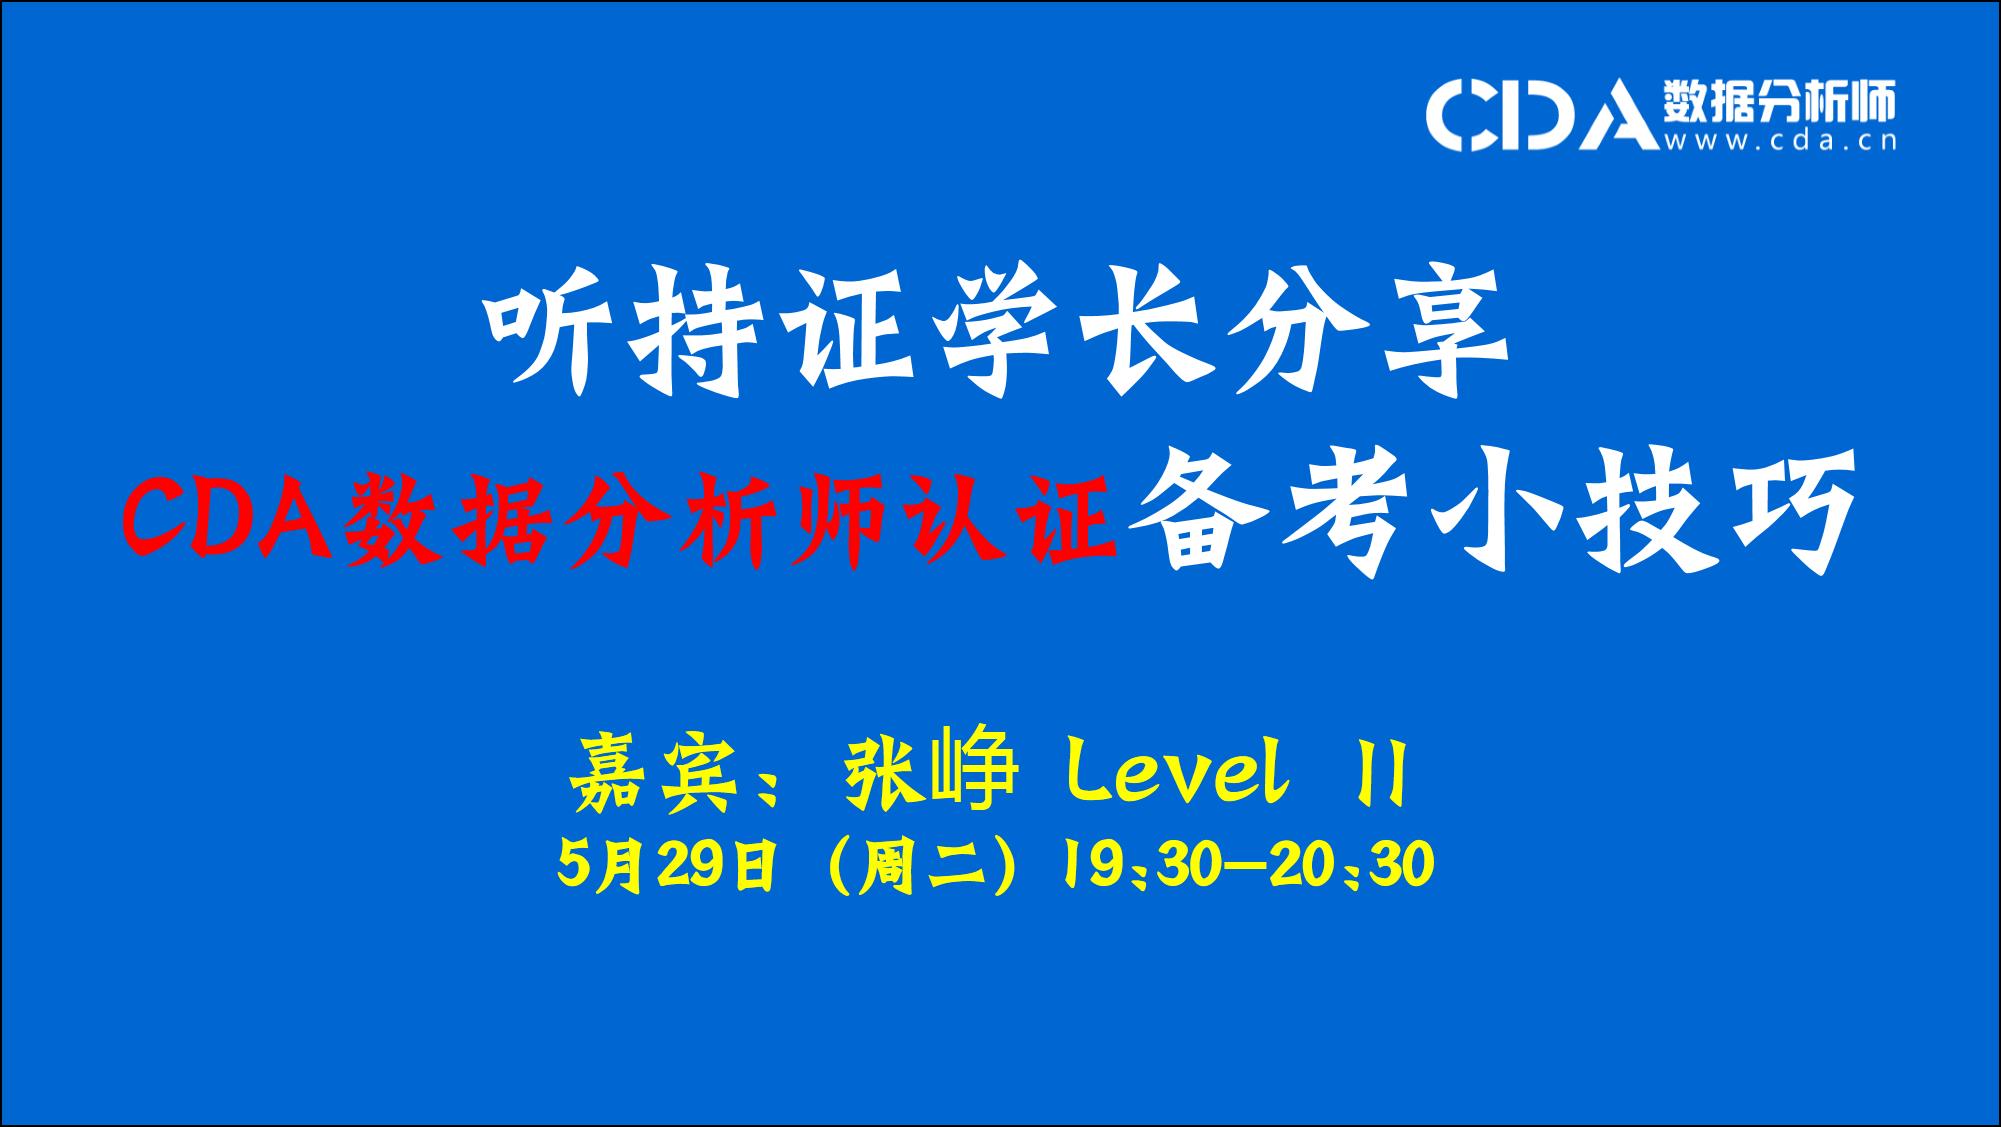 [CDA考试]听持证学长分享CDA一级考试备考小技巧